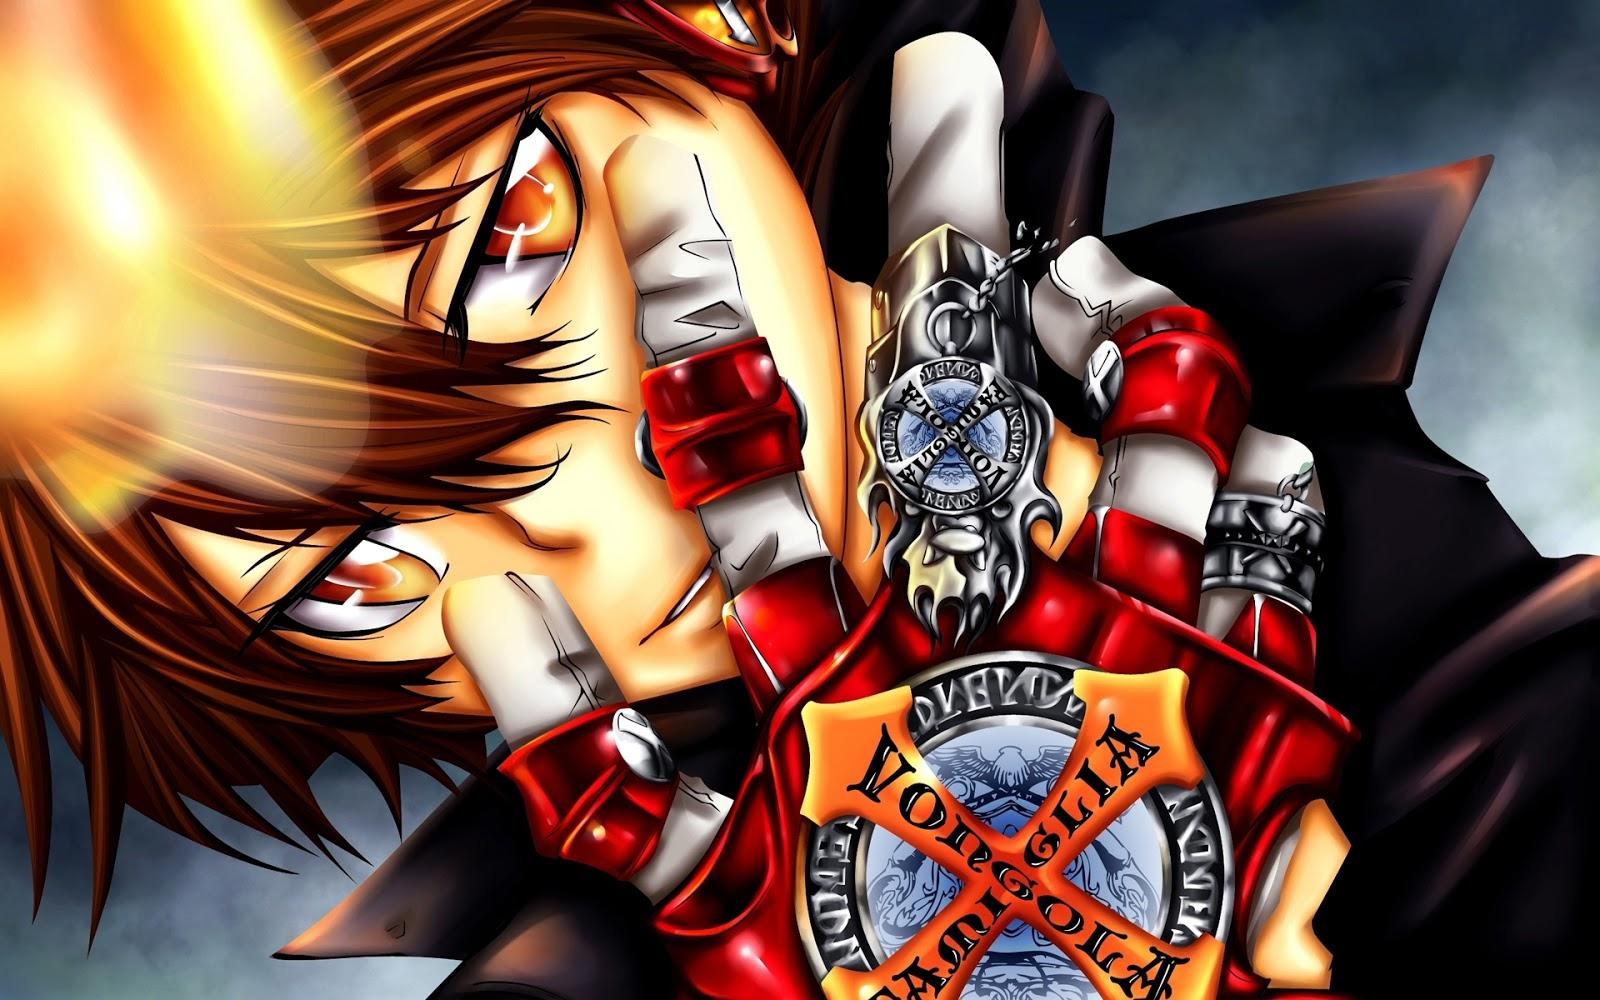 Katekyo Hitman Reborn Vongola Tsuna X Glove Flame Anime HD Wallpaper 1600x1000